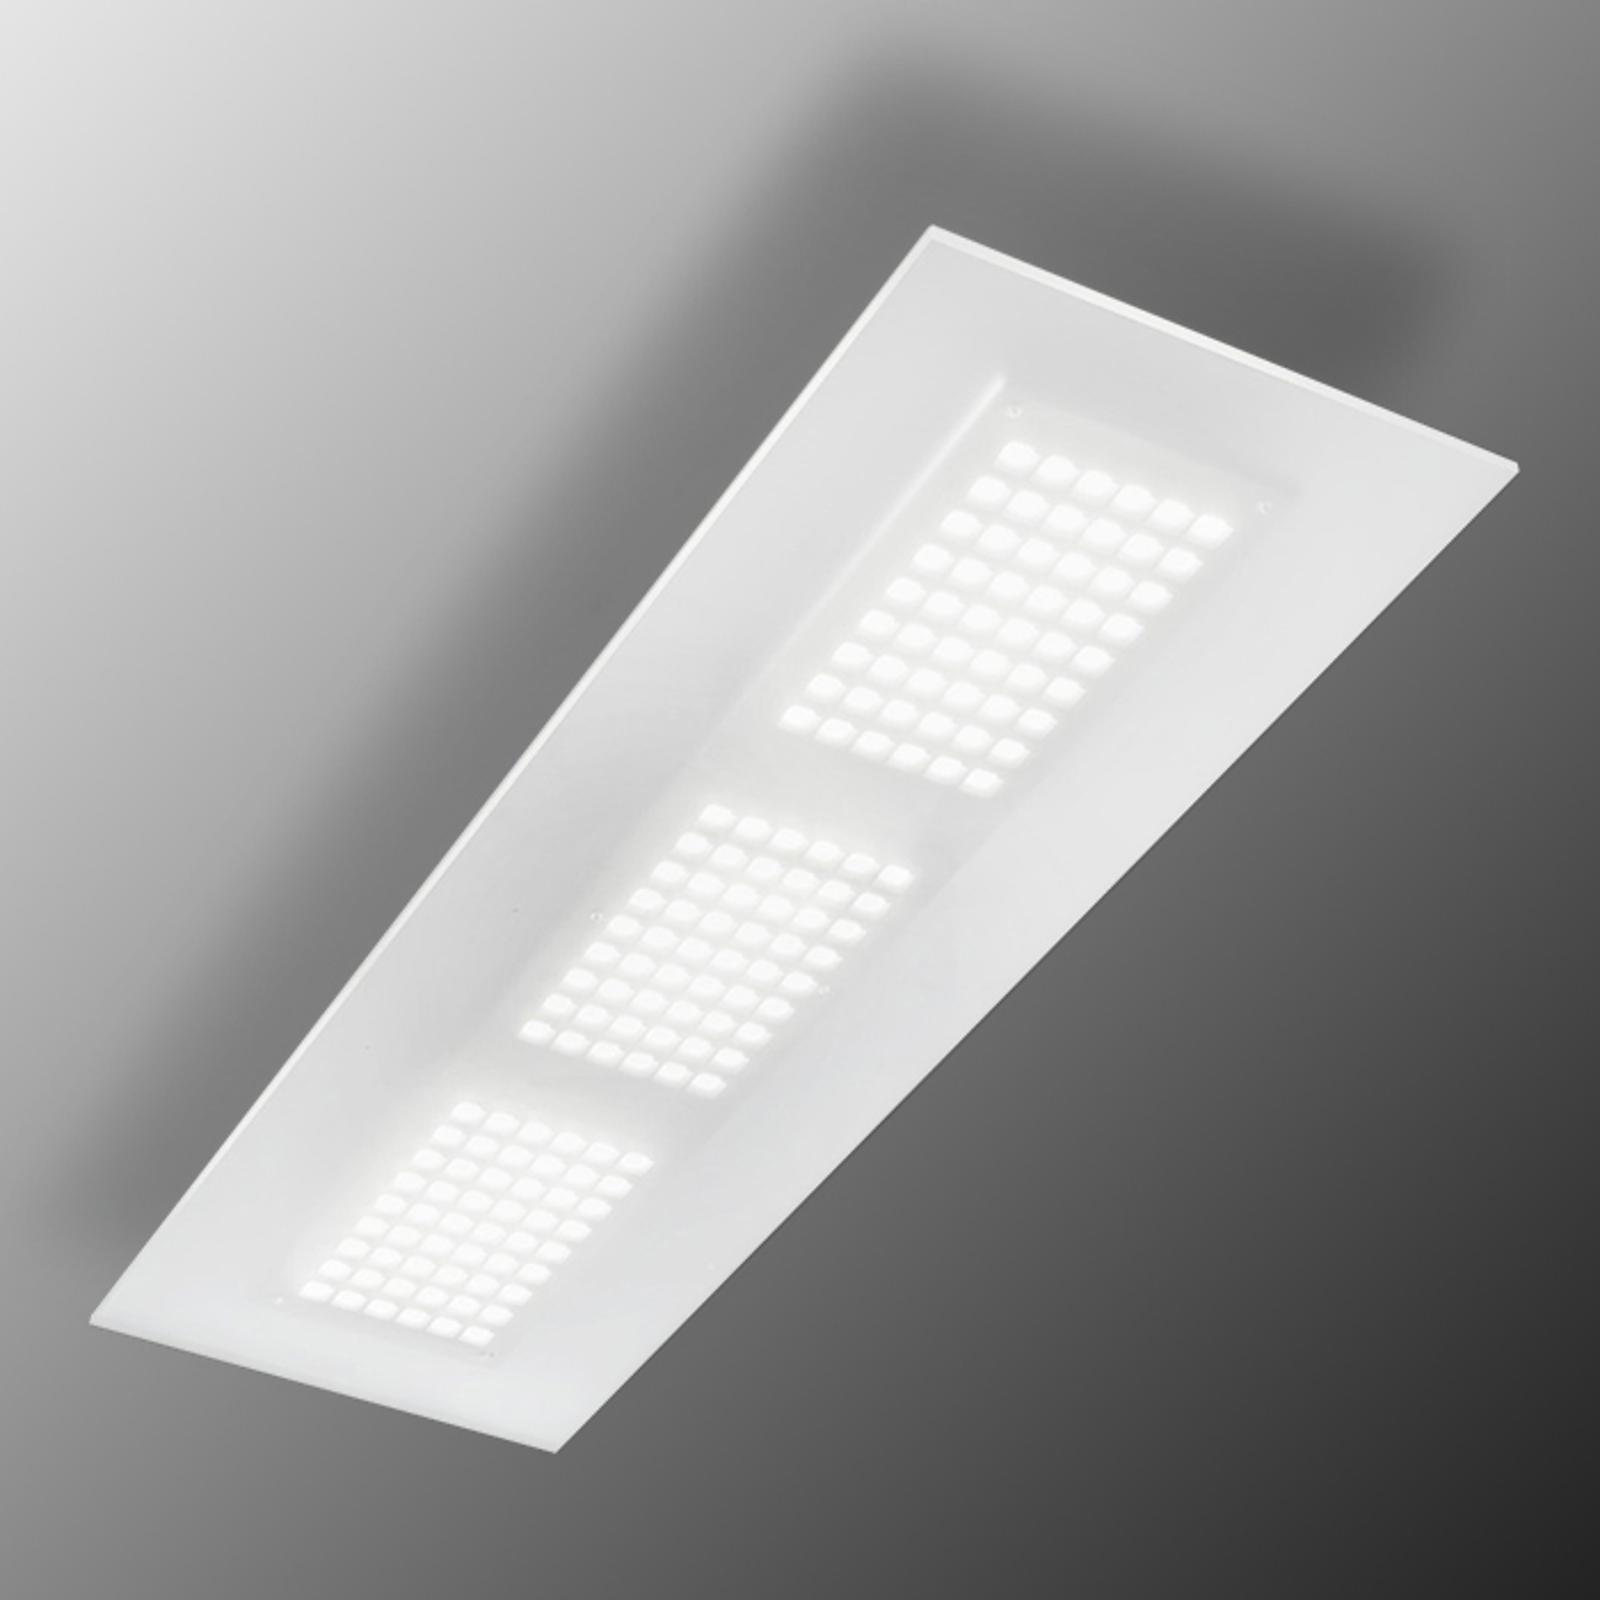 Plafonnier LED Dublight puissant